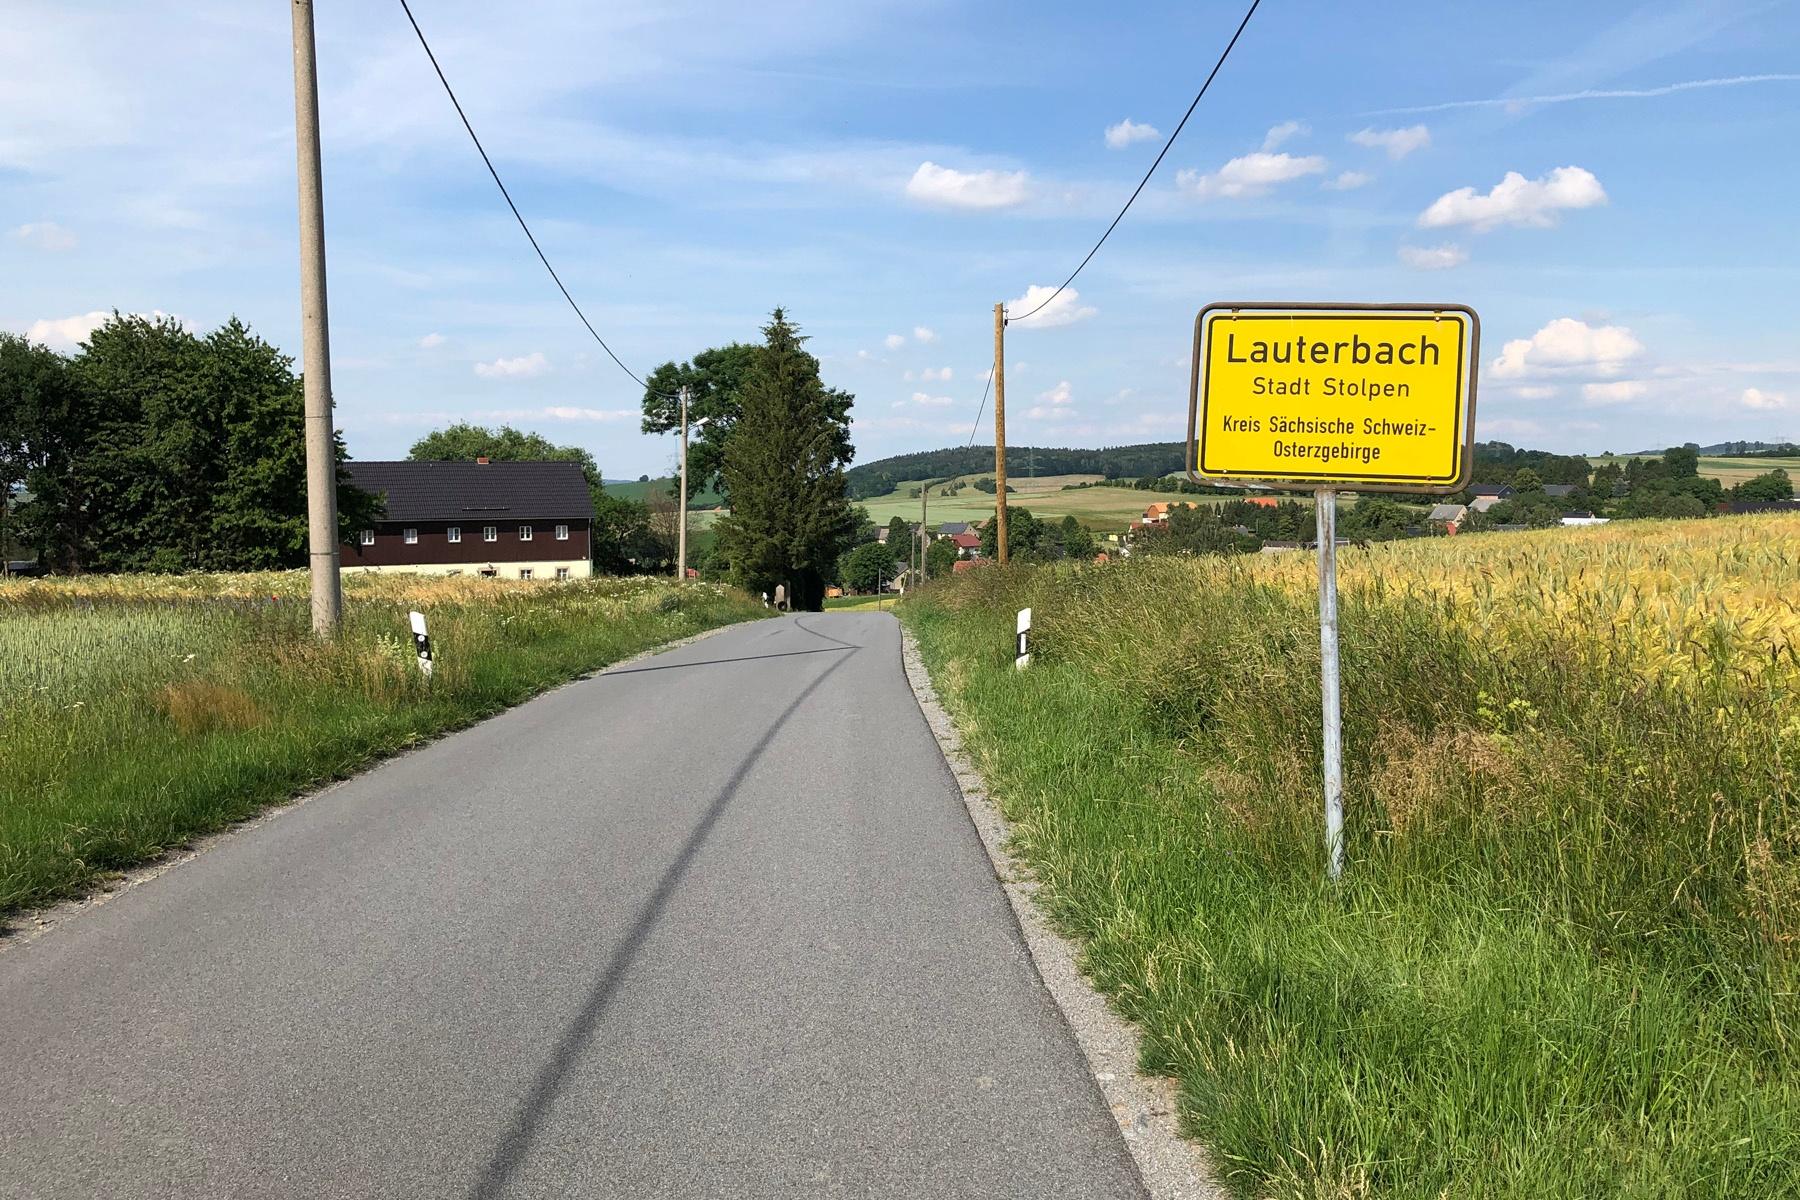 Ortseingang Lauterbach